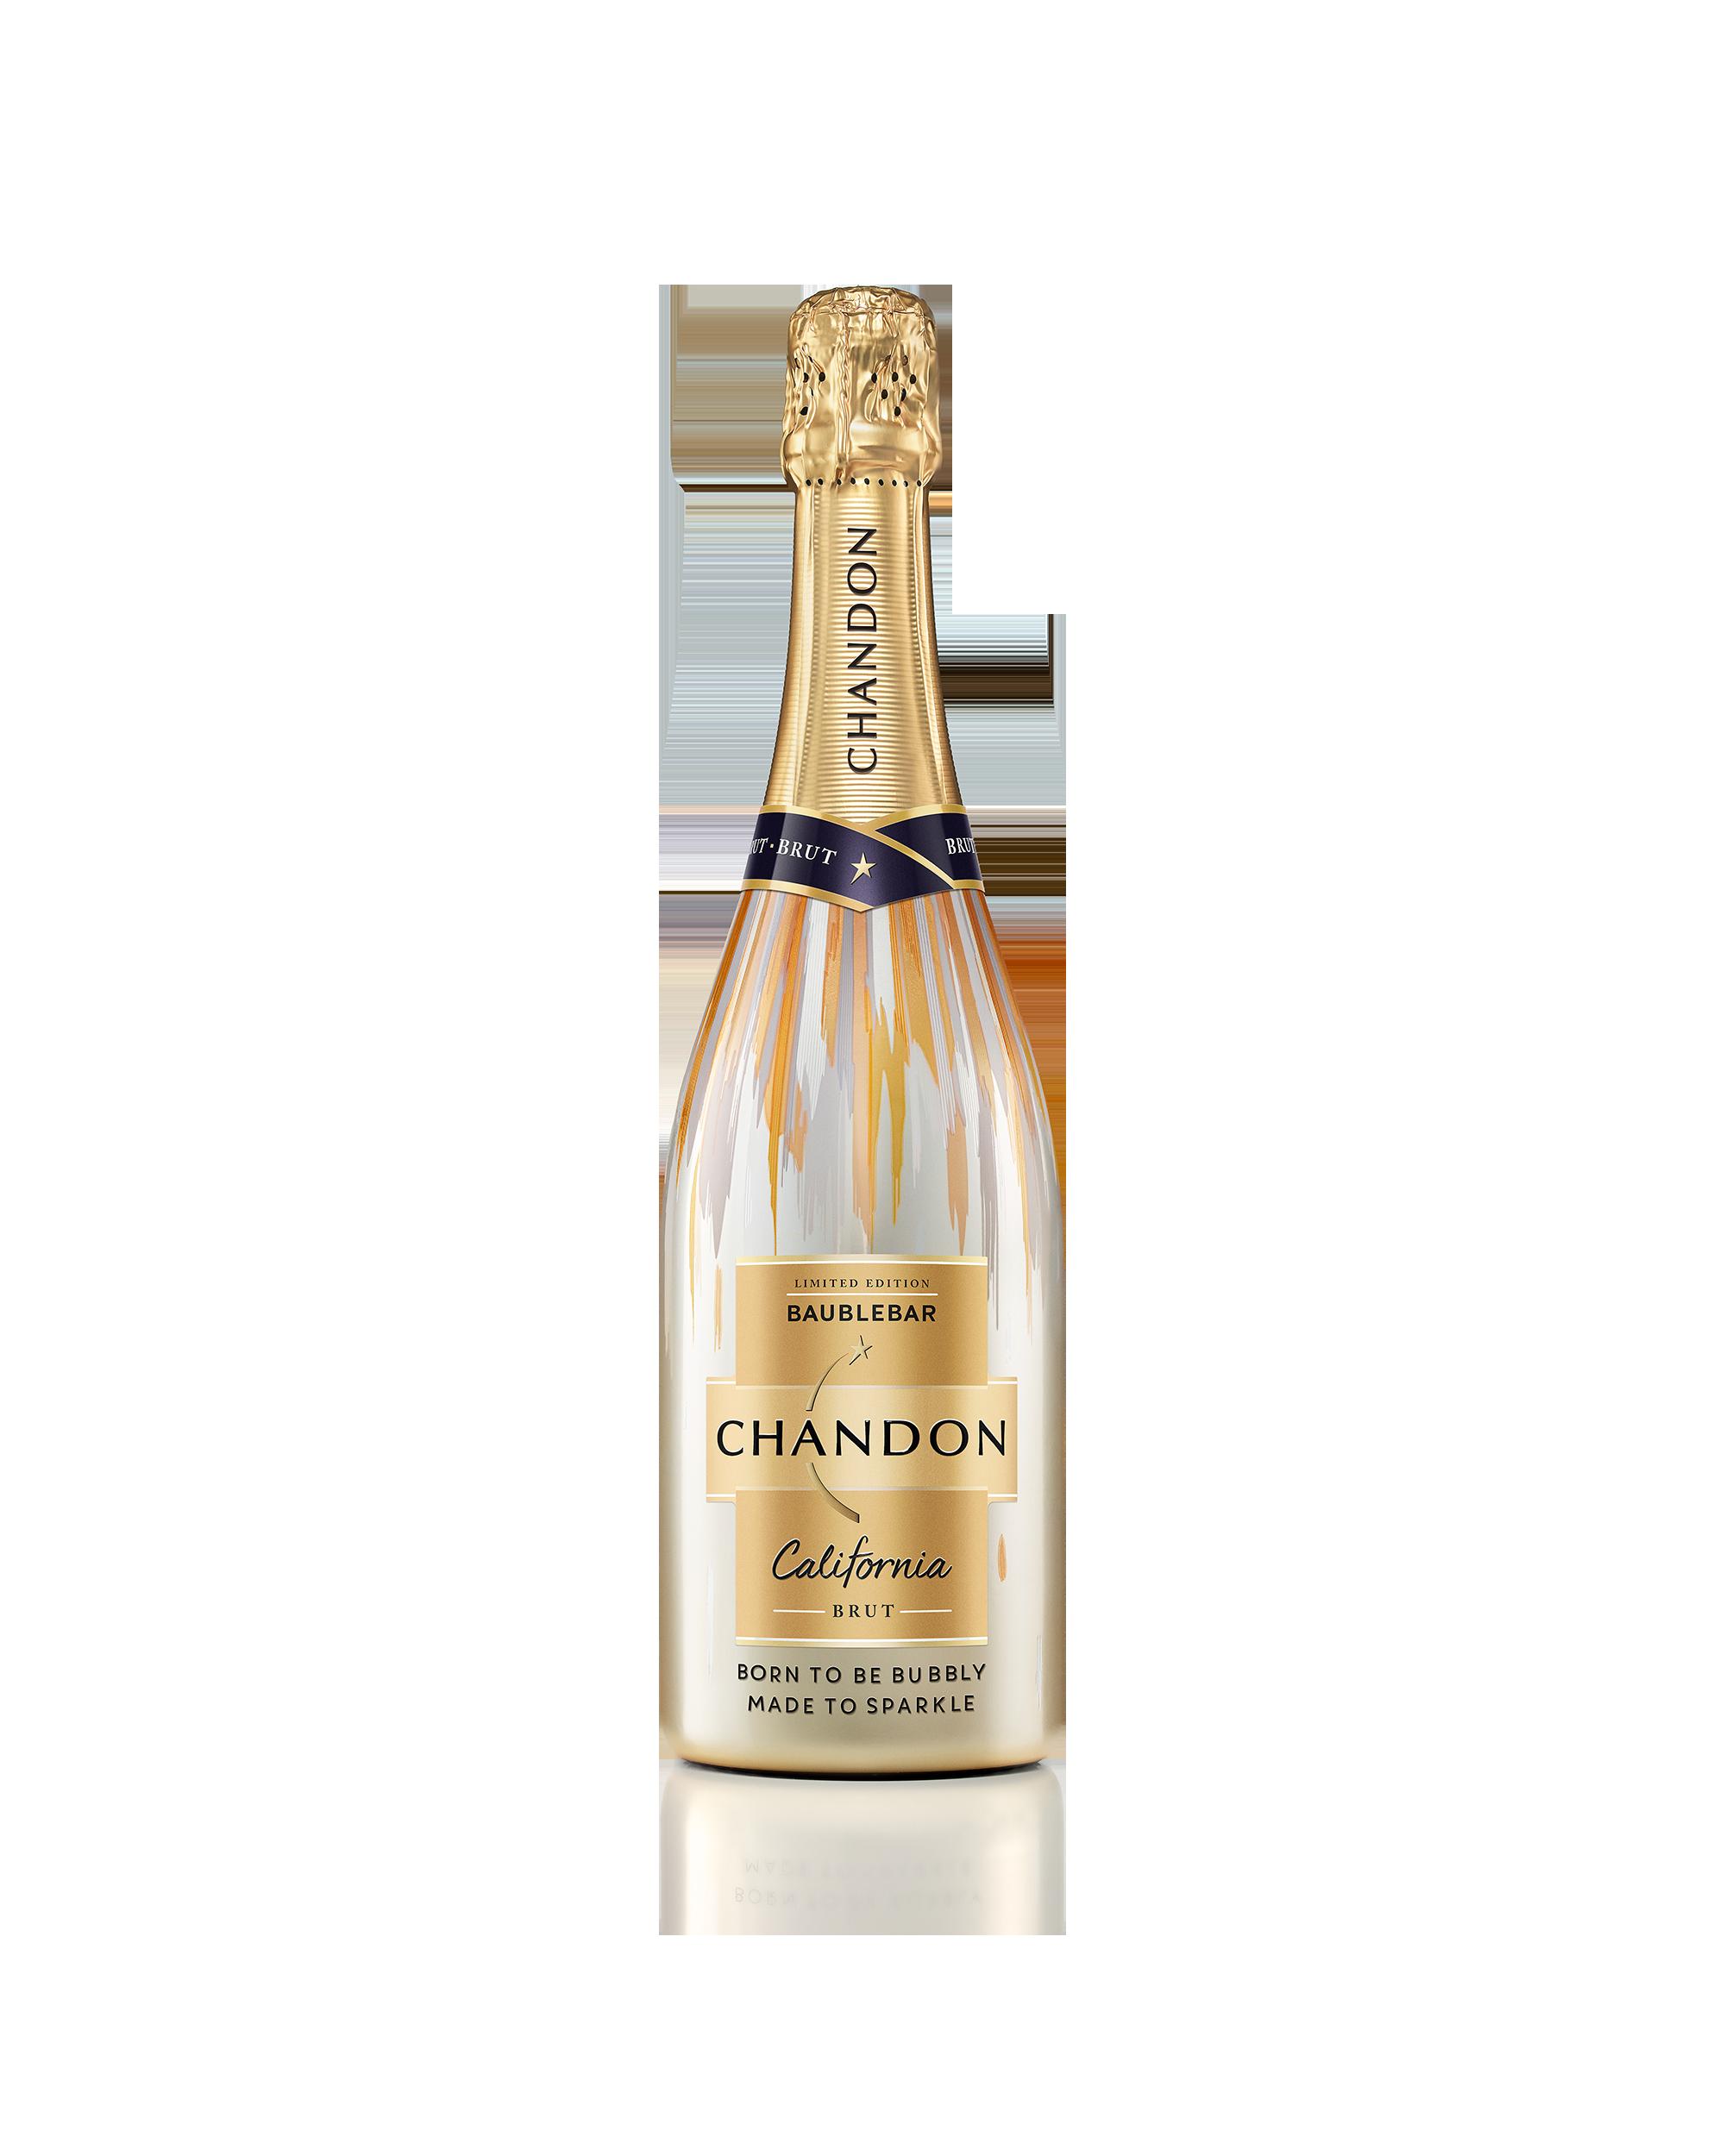 Chandon x Bauble Bar Champagne